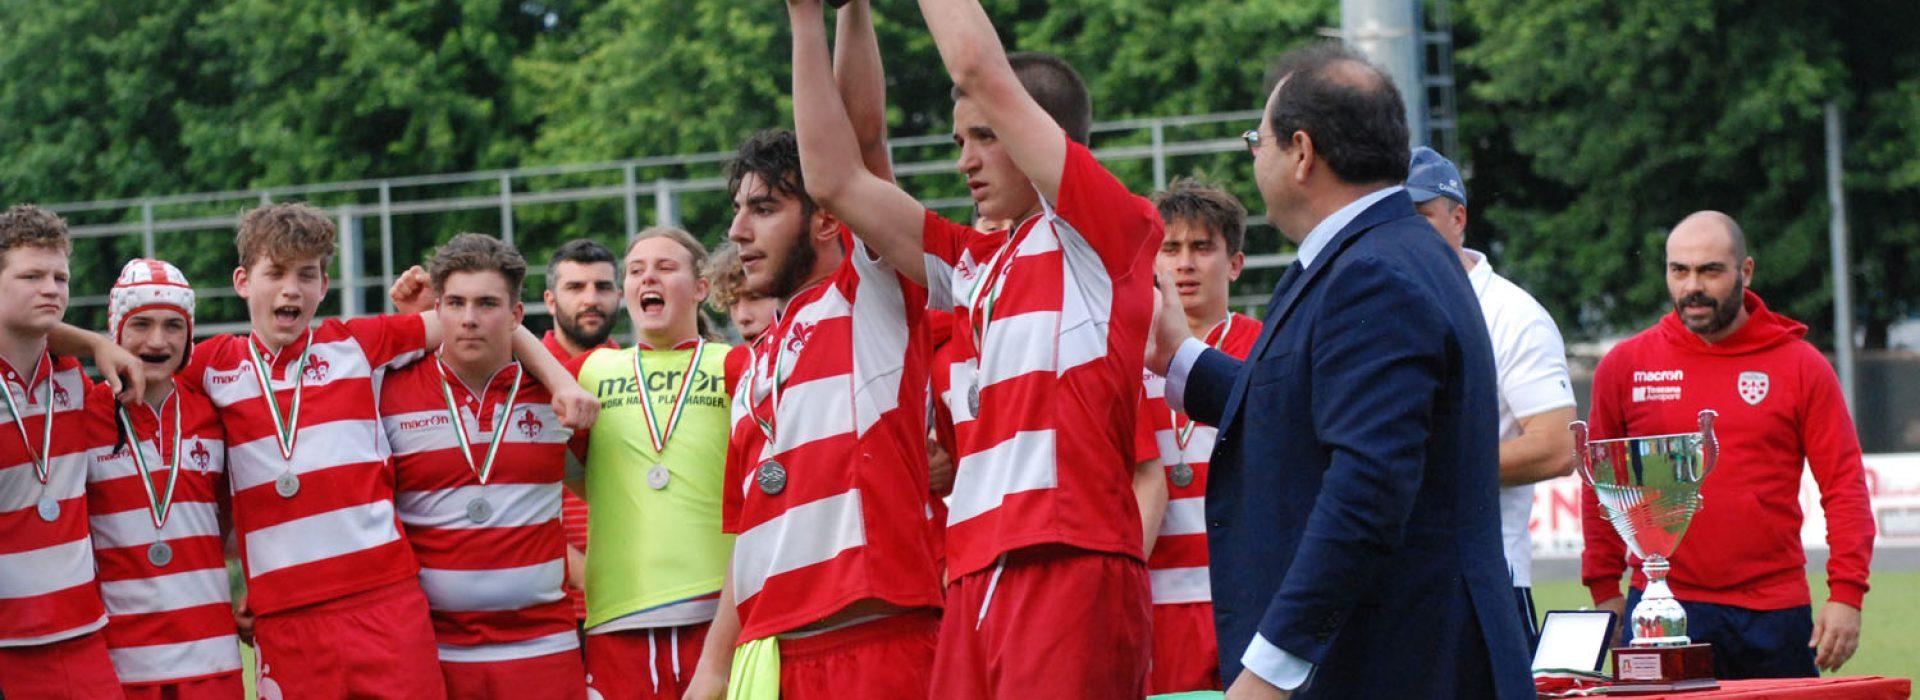 Firenze Rugby 1931 U16: vicecampioni d'Italia!